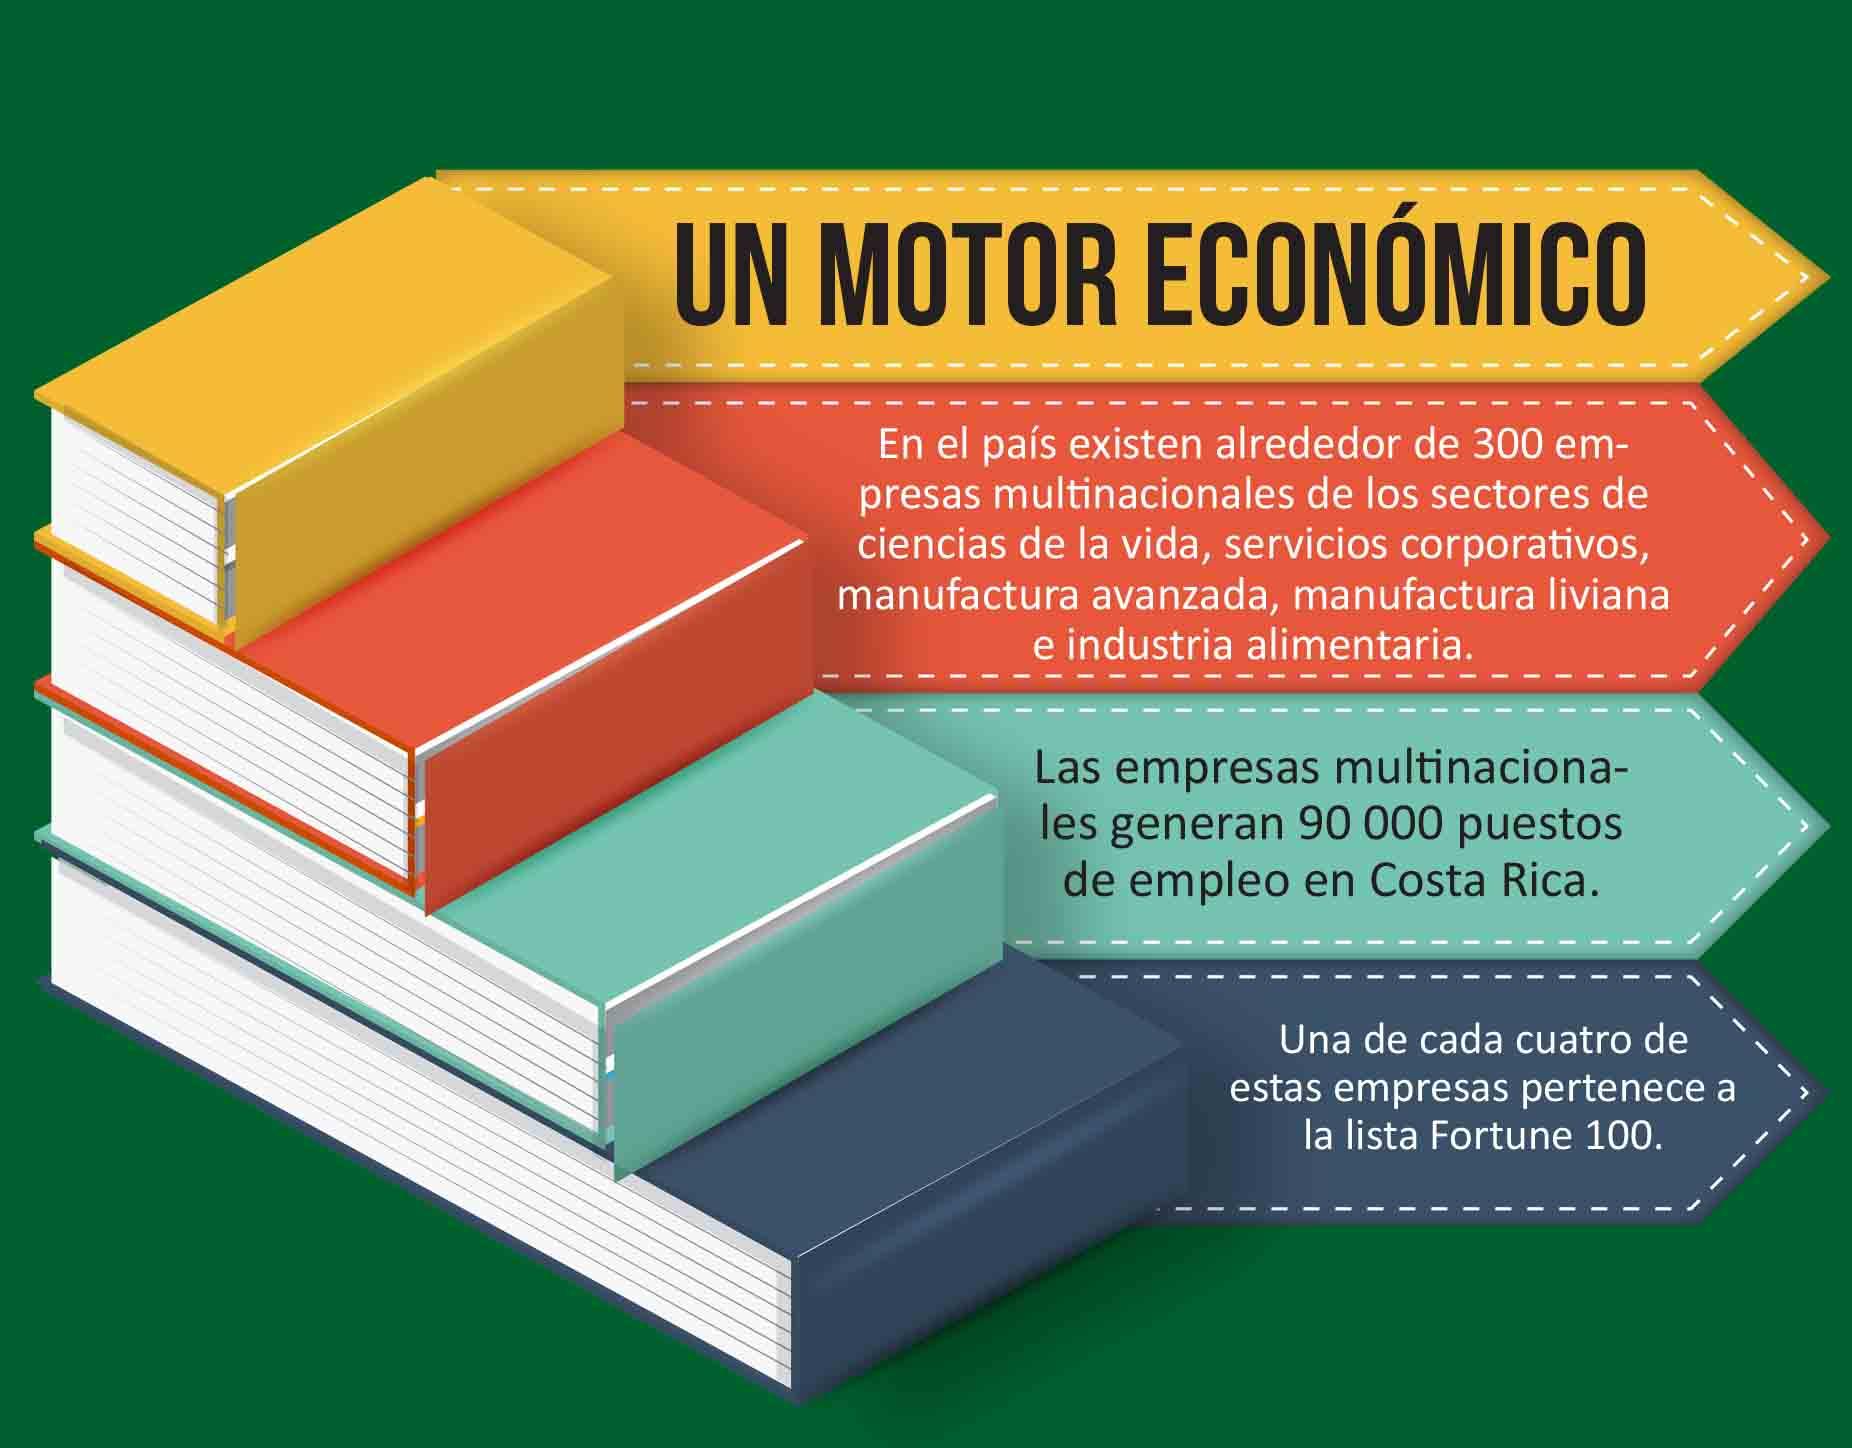 Un motor económico